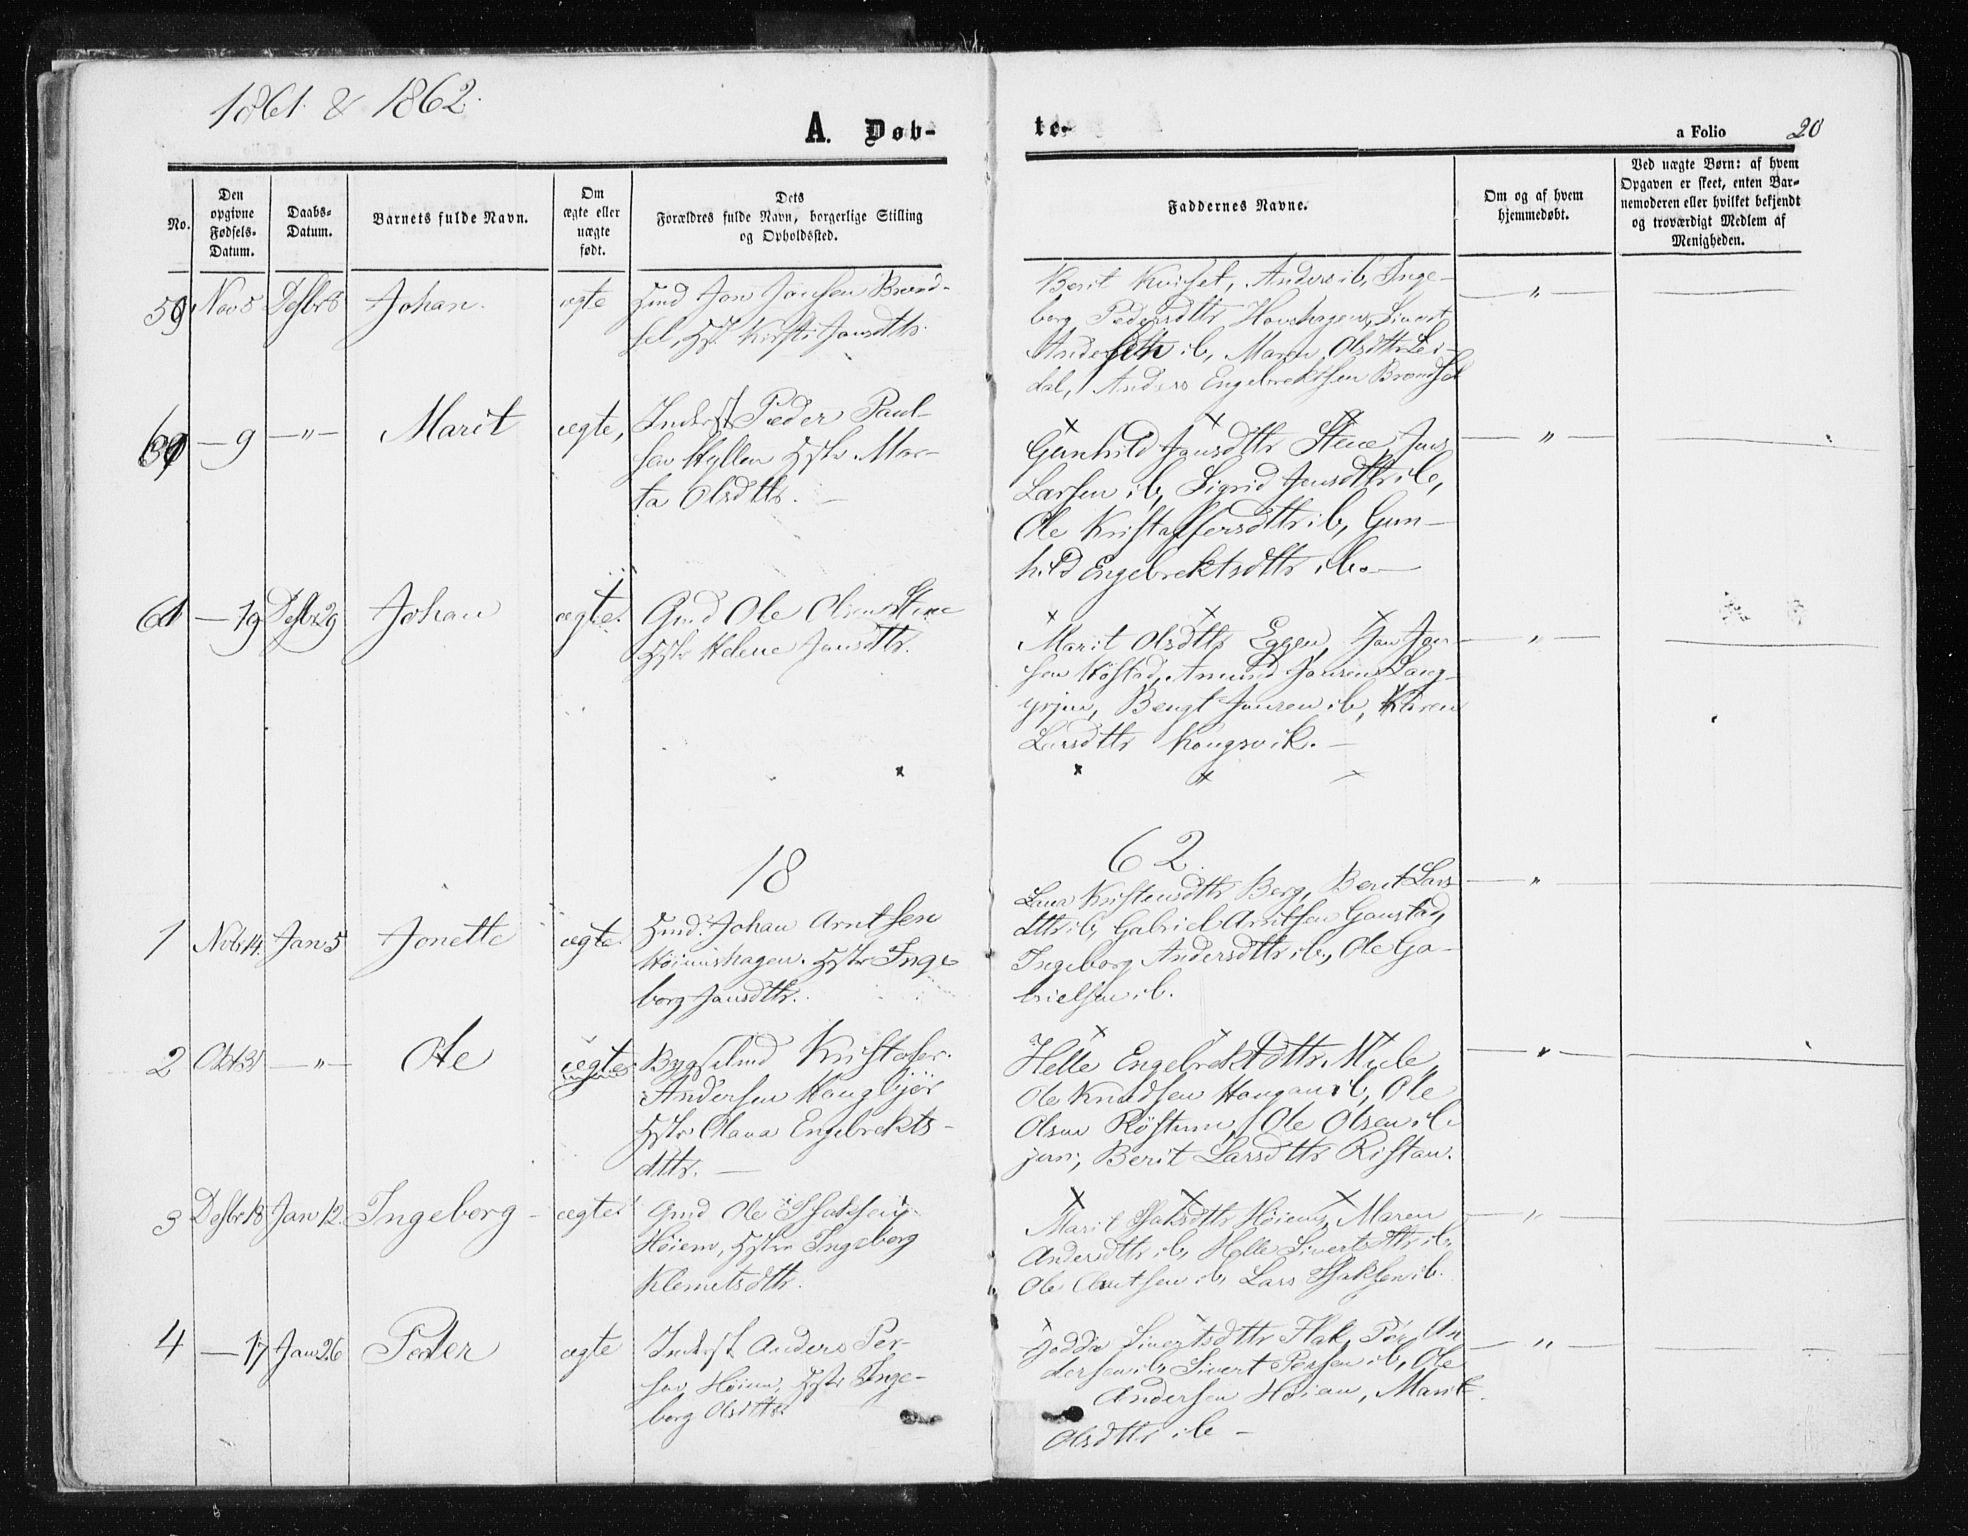 SAT, Ministerialprotokoller, klokkerbøker og fødselsregistre - Sør-Trøndelag, 612/L0377: Ministerialbok nr. 612A09, 1859-1877, s. 20